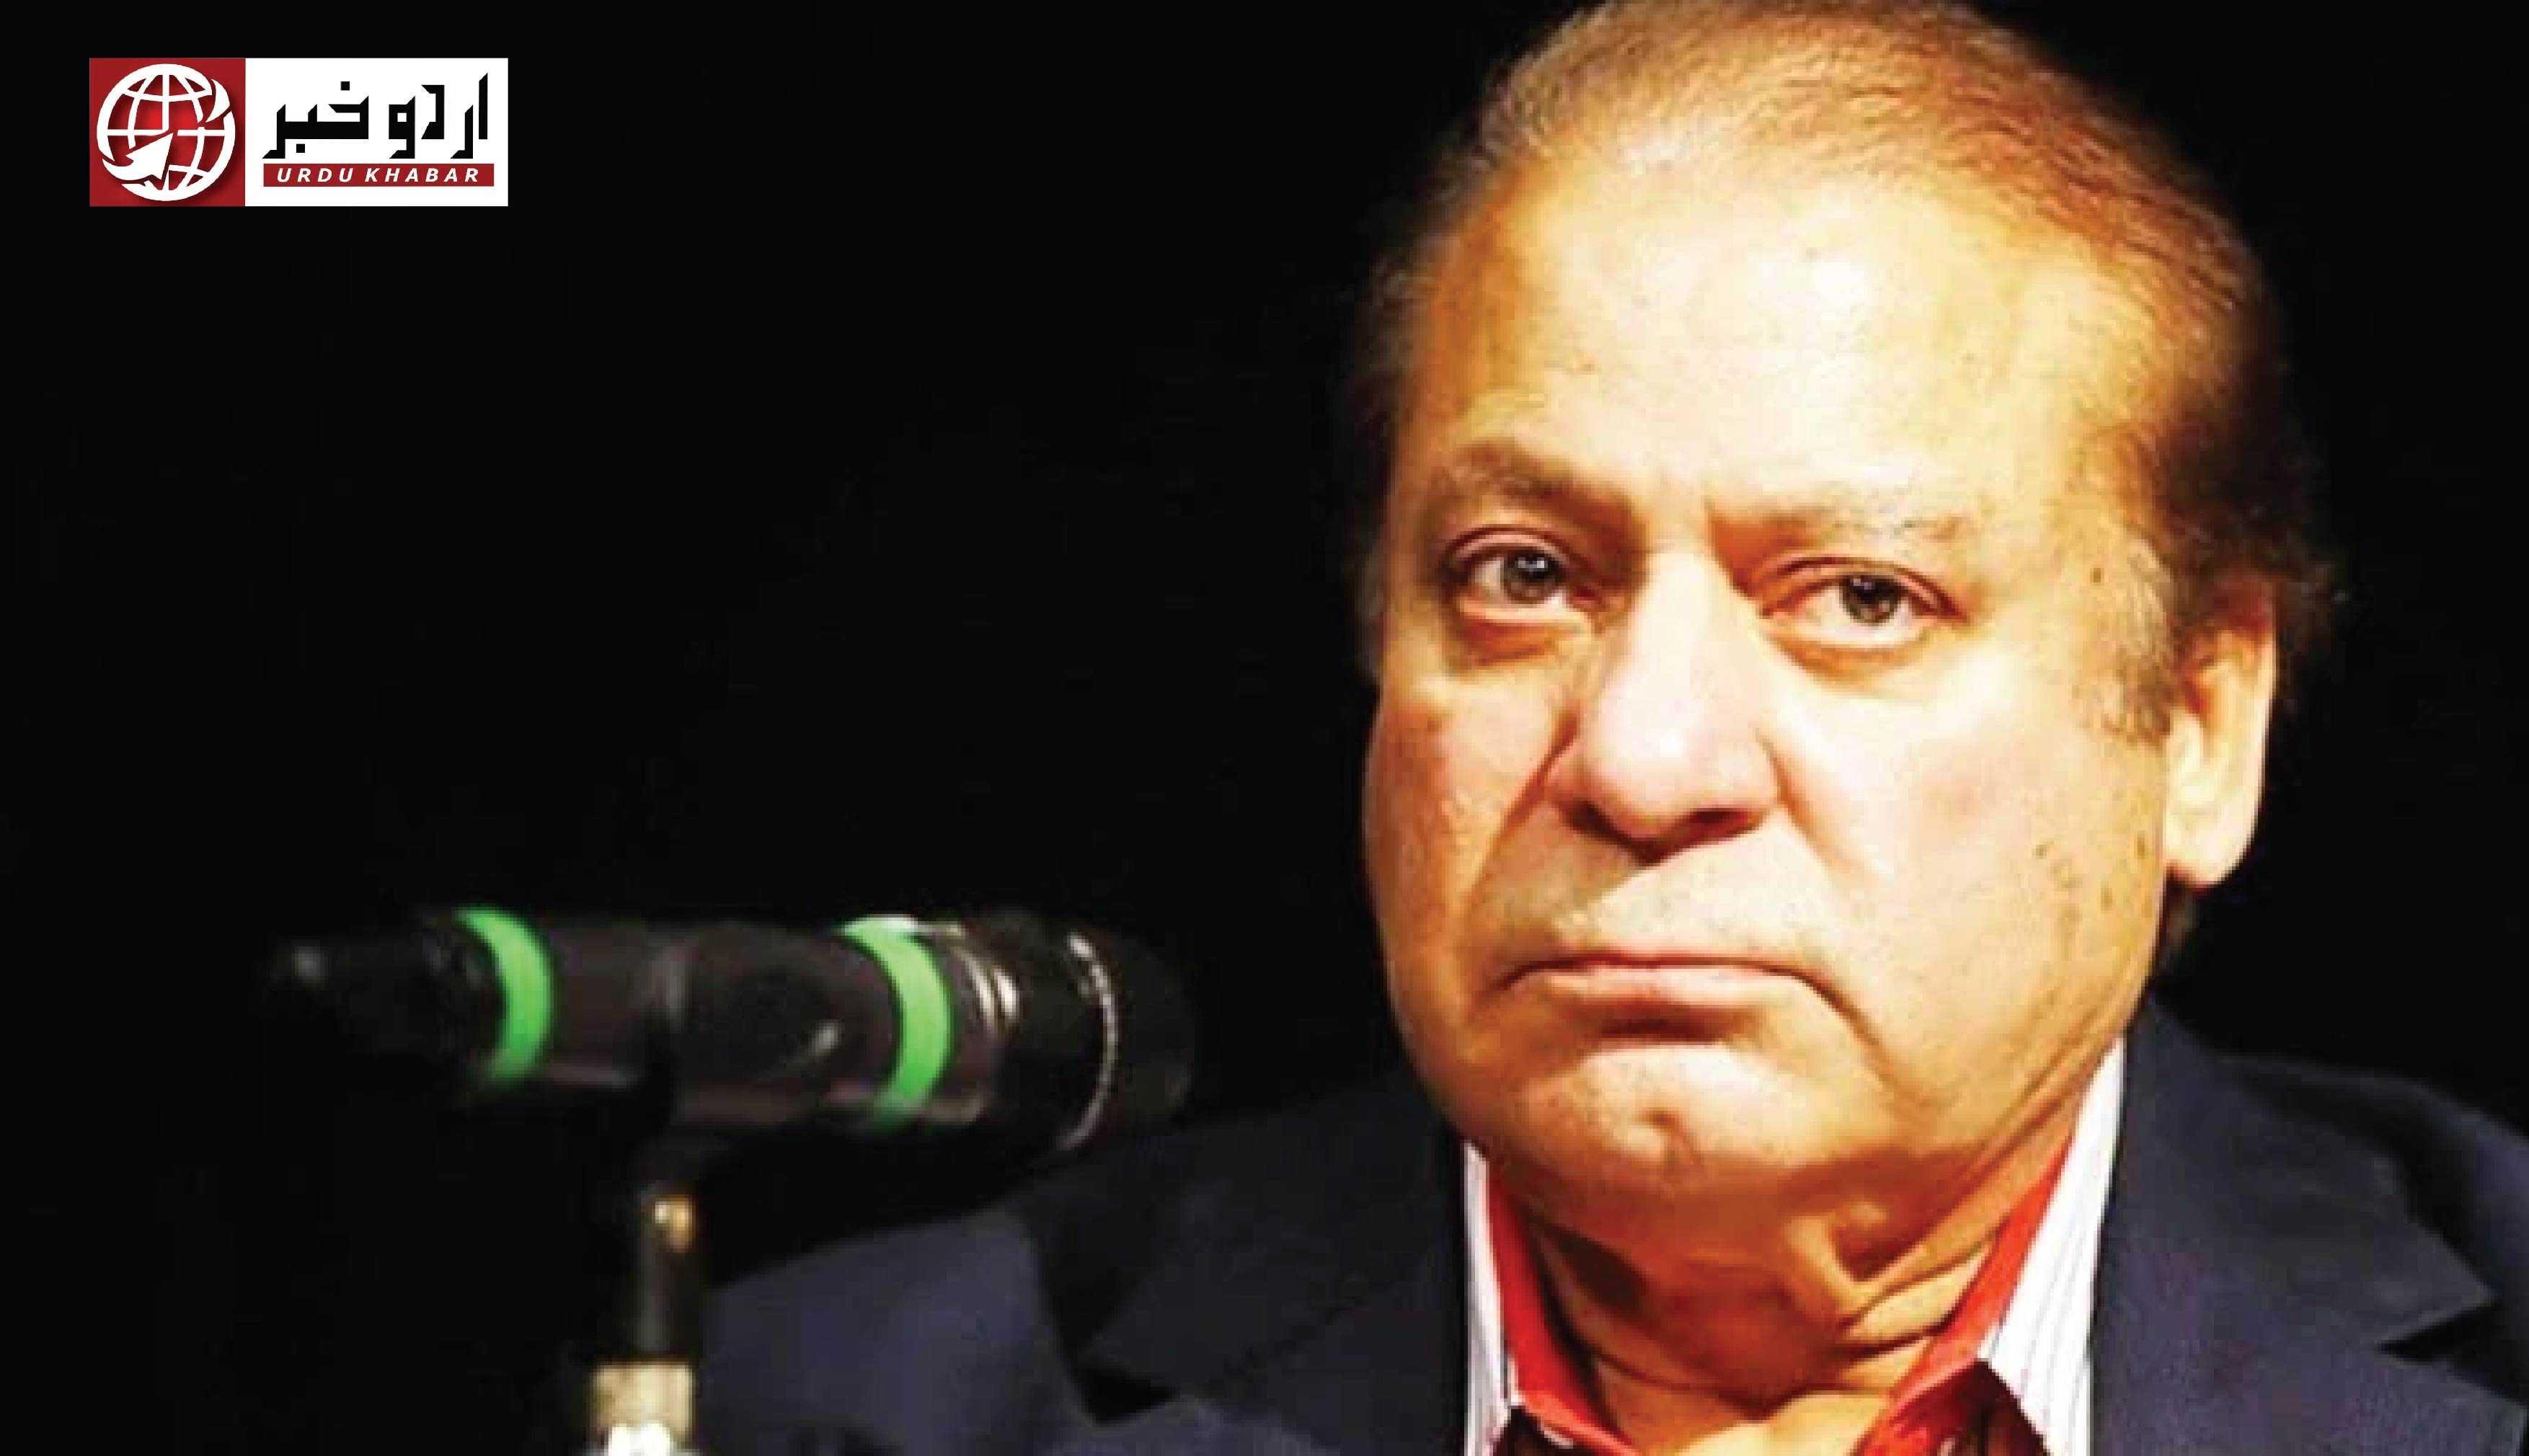 برطانوی حکومت نے نواز شریف کی گرفتاری کے لئے مدد کرنے سے انکار کر دیا